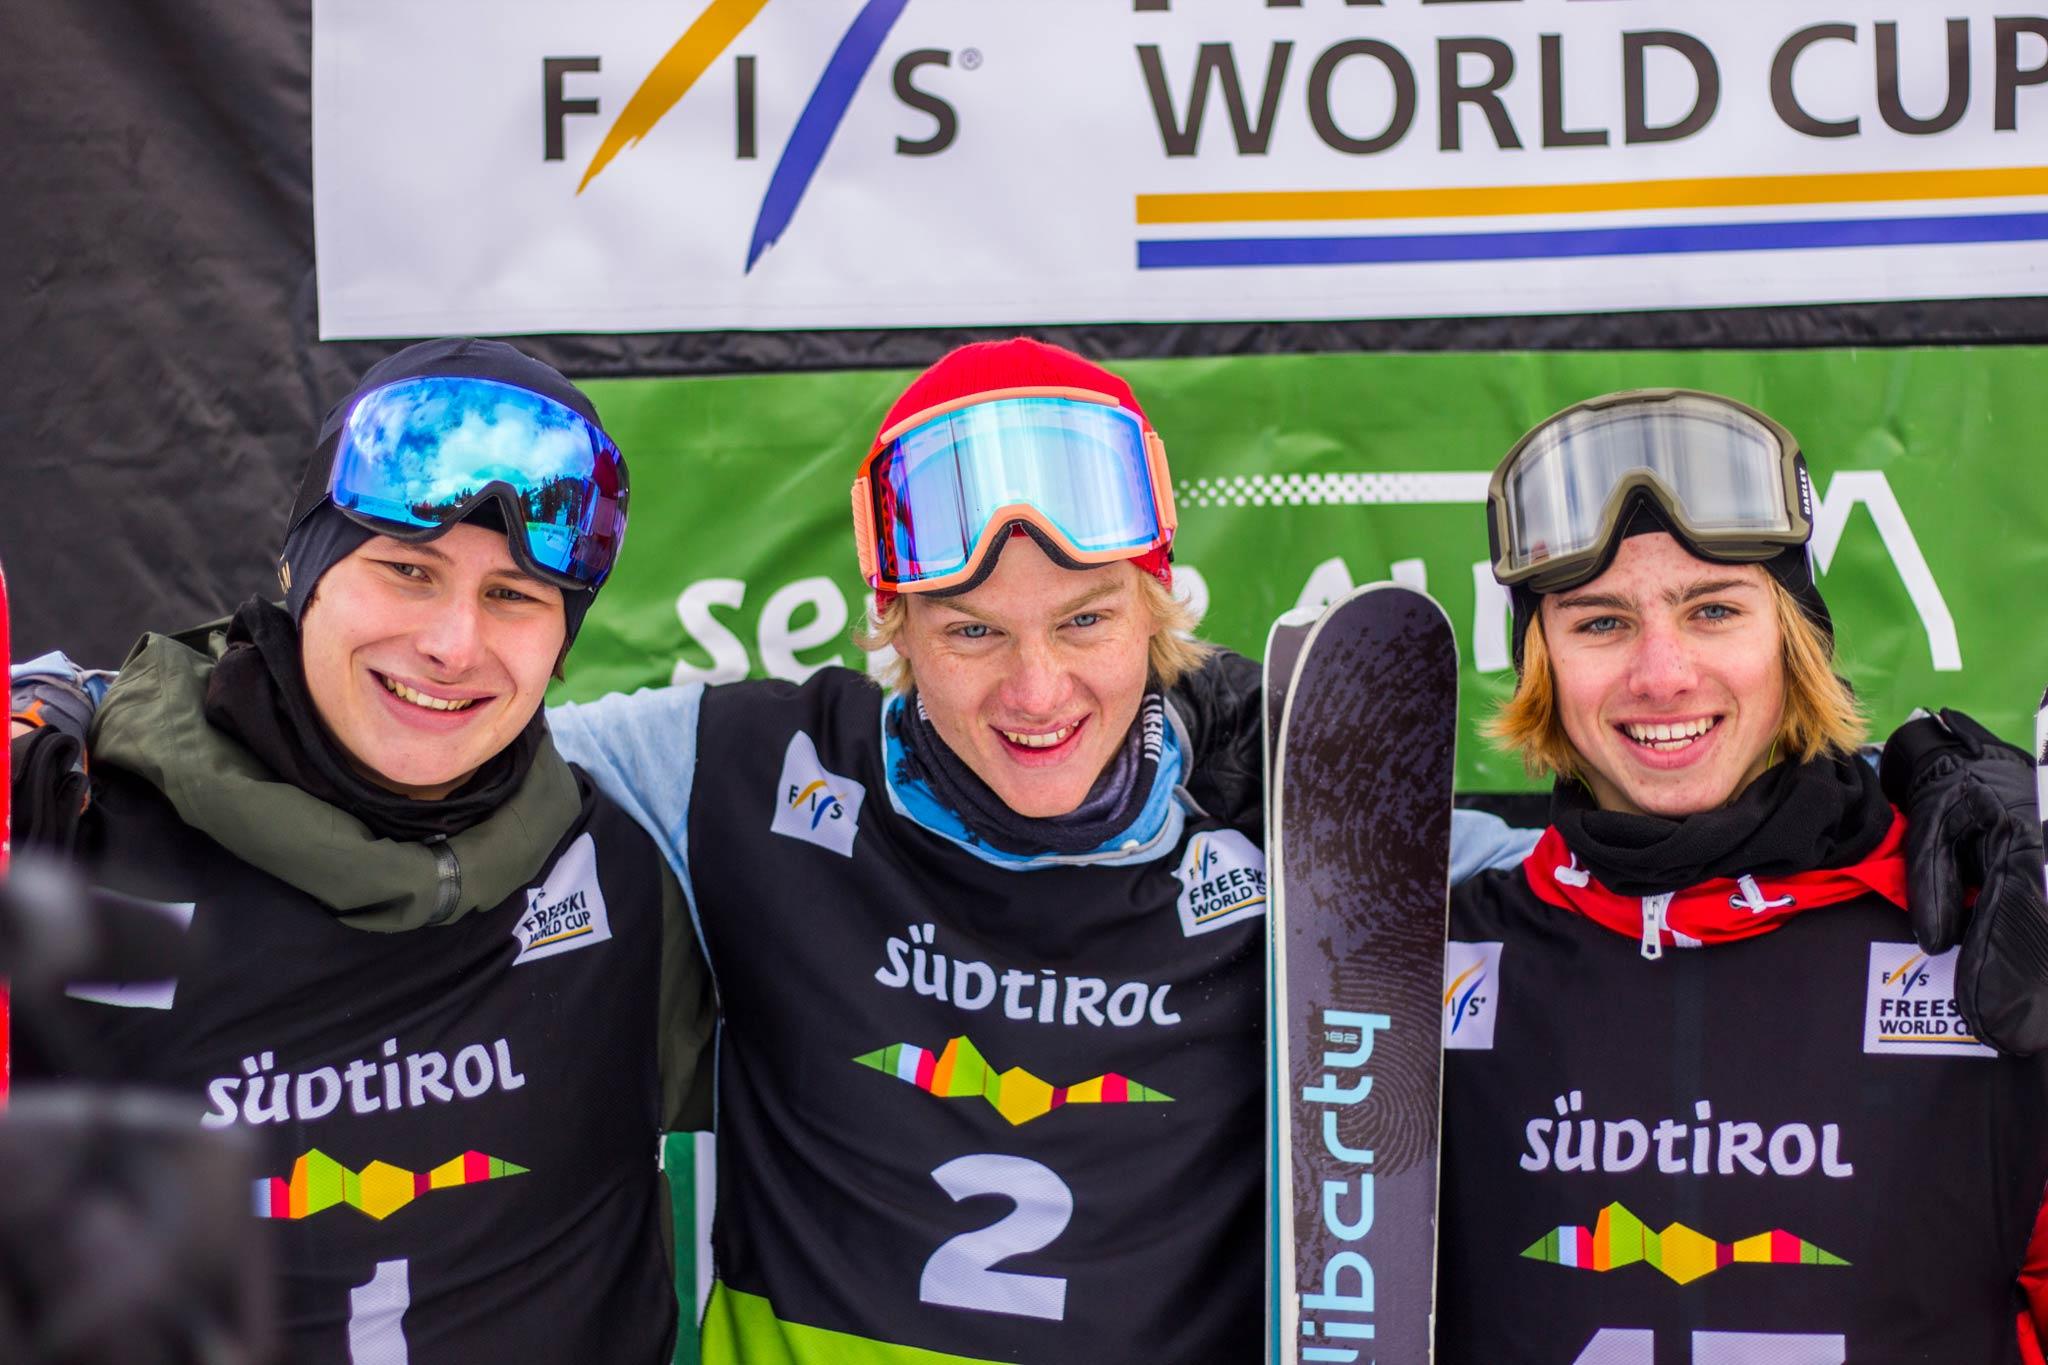 Die drei glücklichen Gewinner bei den Männern: Oliwer Magnusson, Max Moffat & Kiernan Fagan (v.l.n.r.) - Foto: Seiser Alm